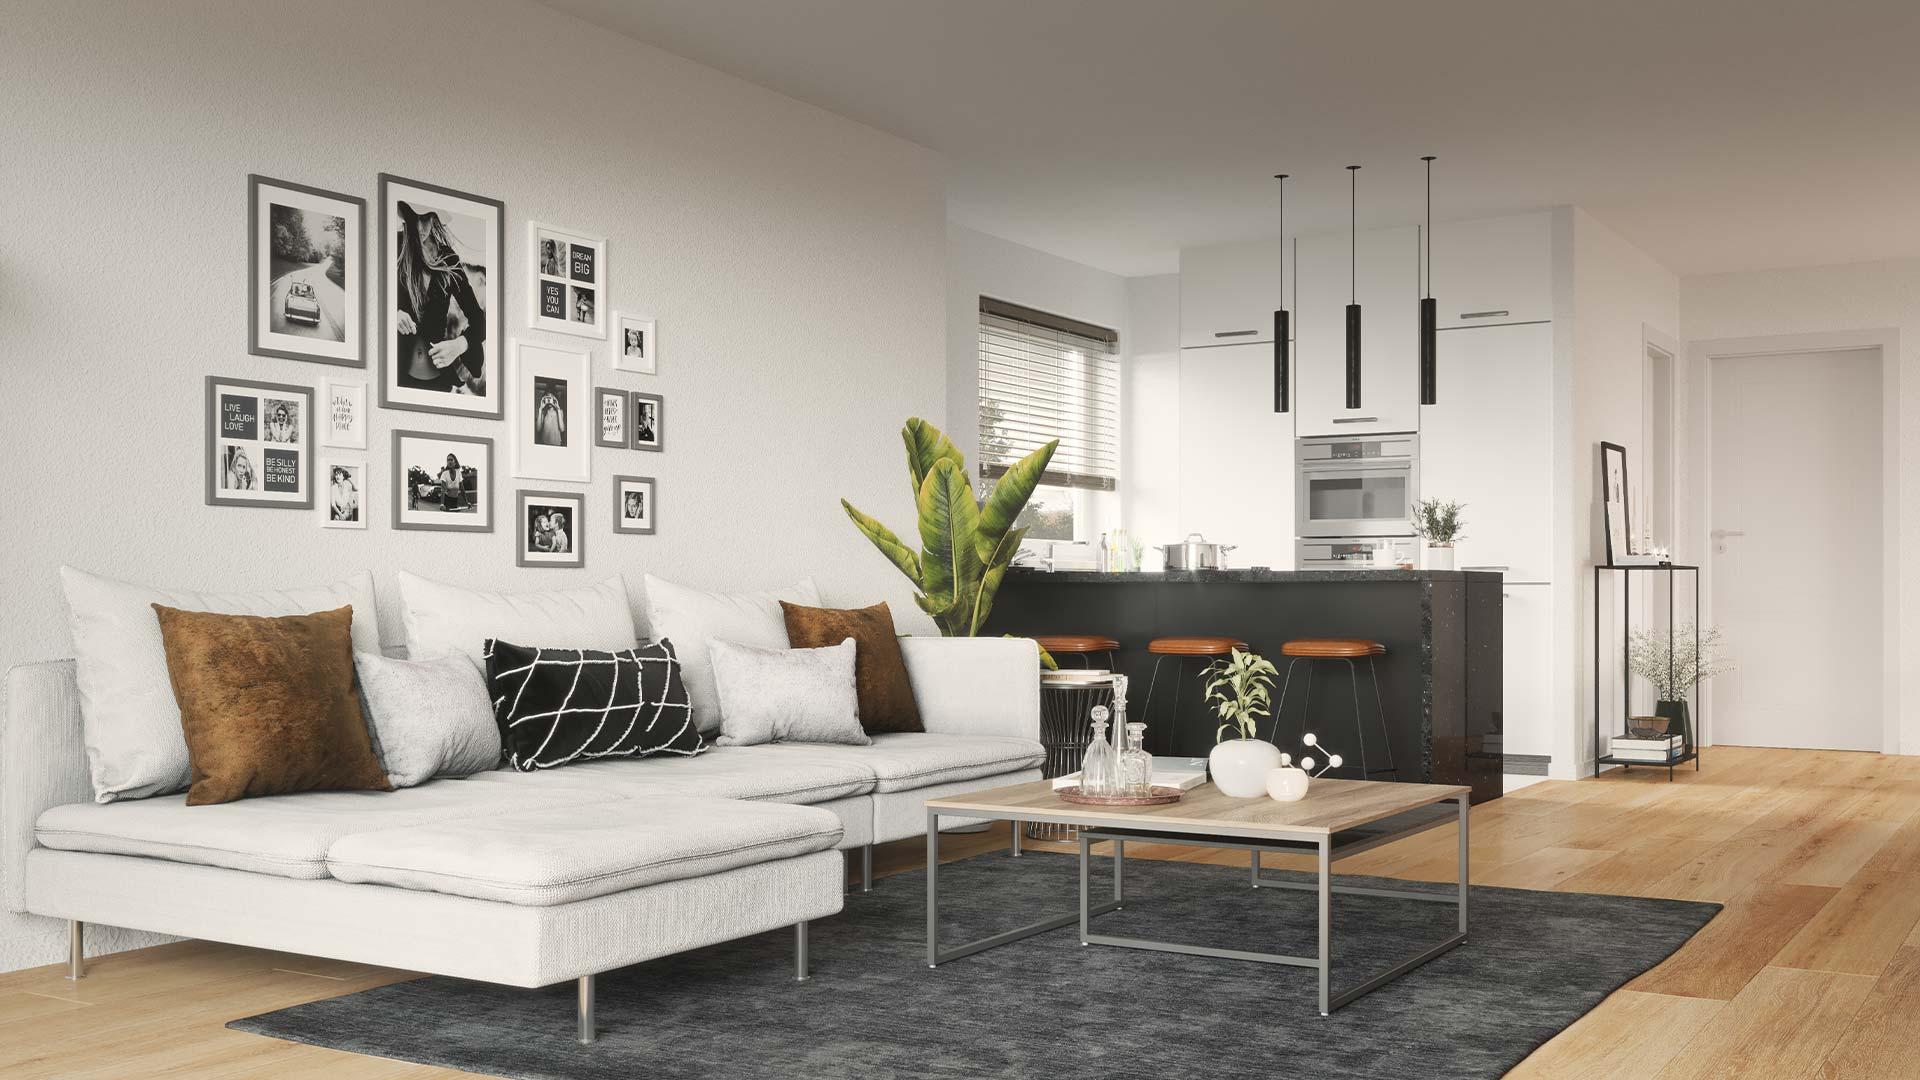 Immobilienmarketing Wiesenquartier Visualisierung